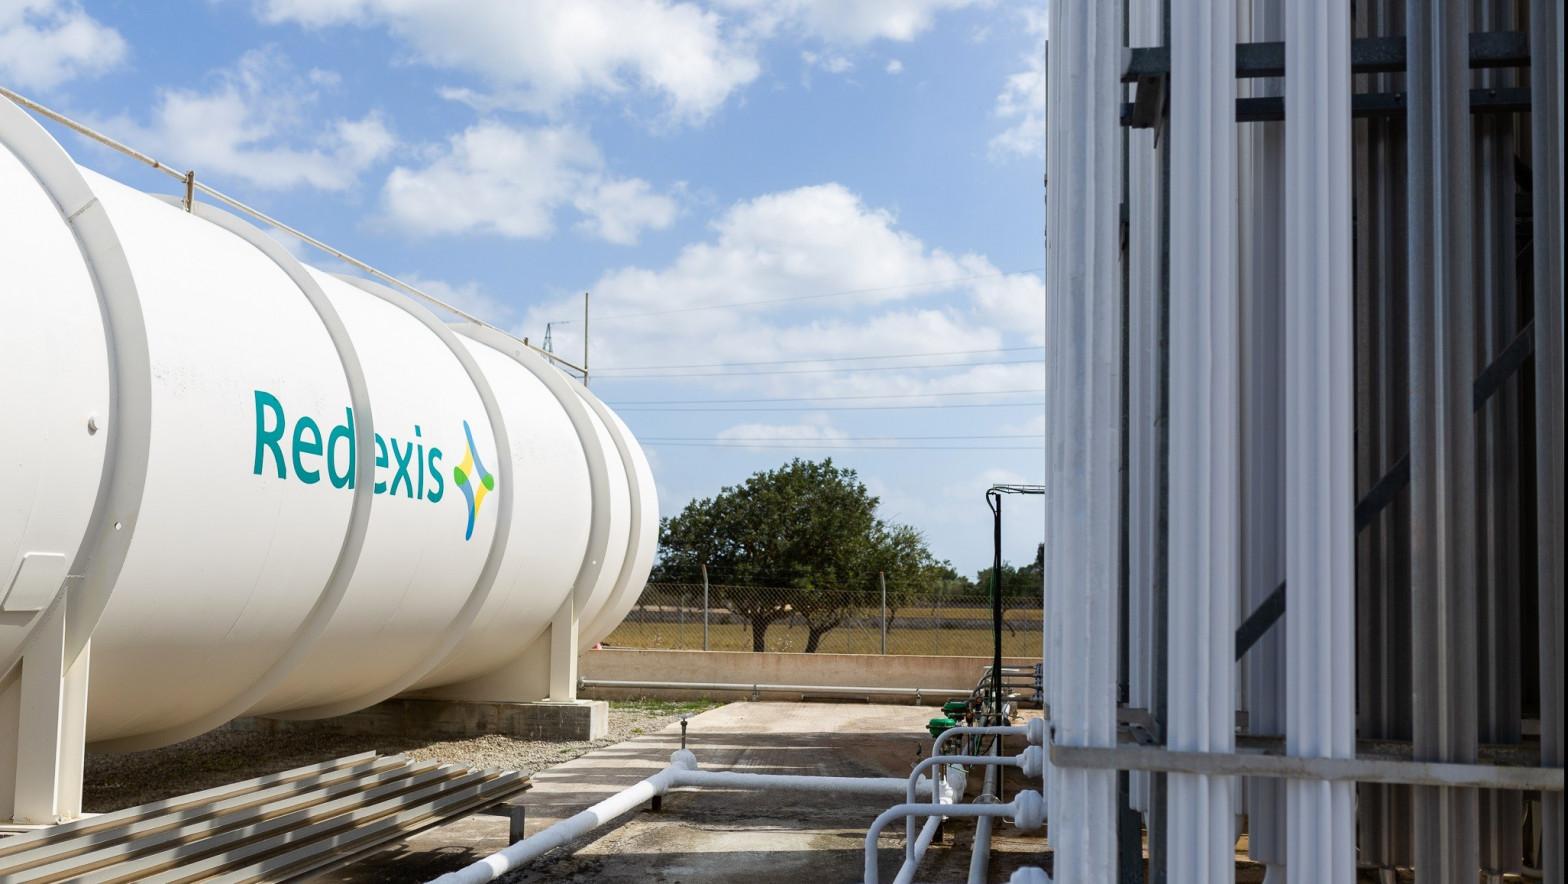 Las importaciones de gas natural crecen un 40% en abril